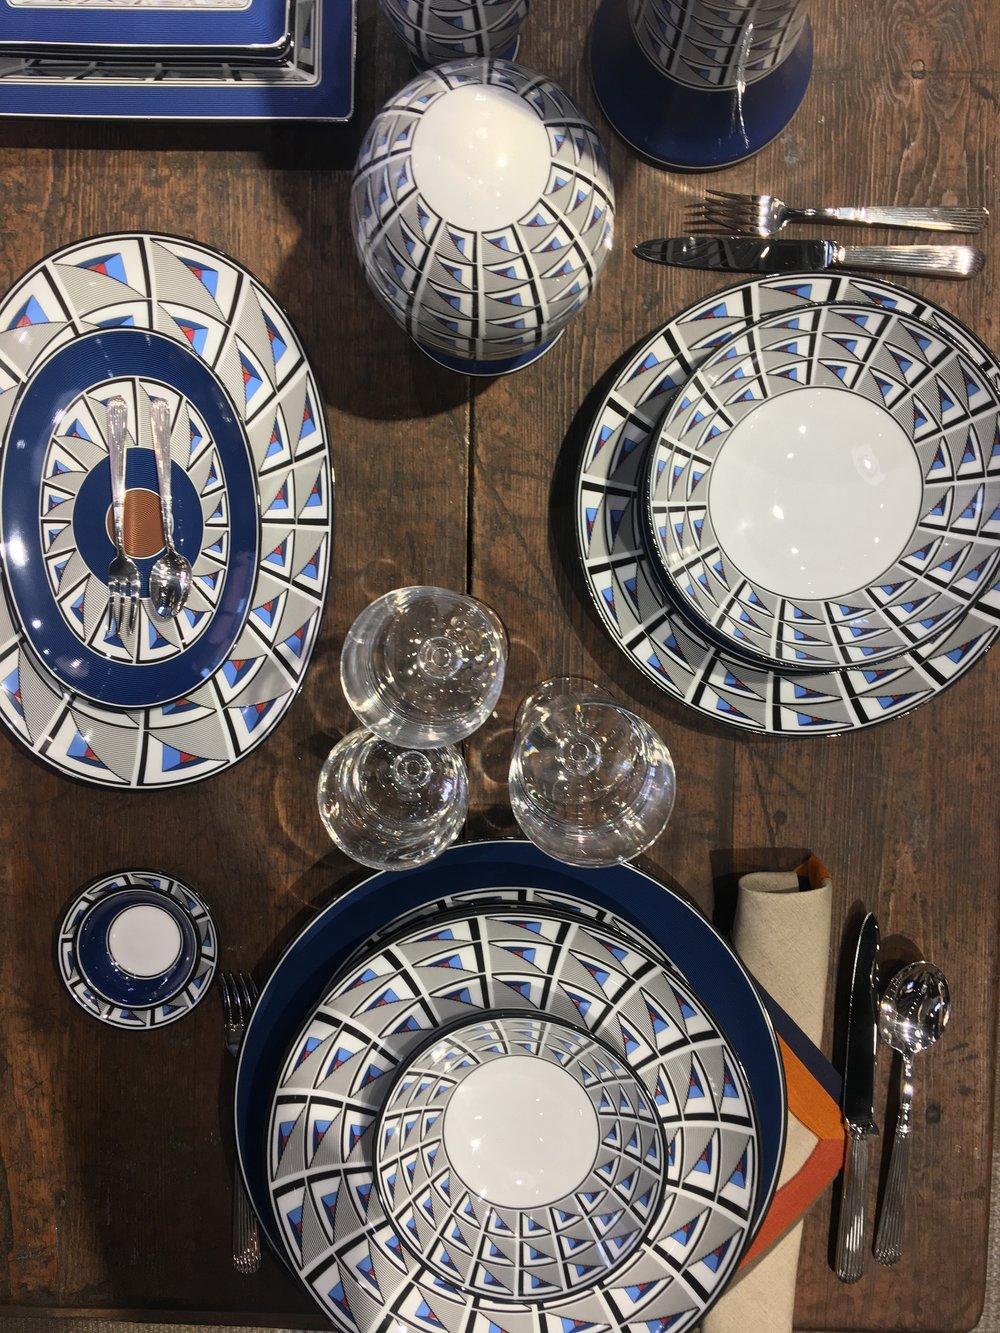 Chic tableware at Richard Ginori.